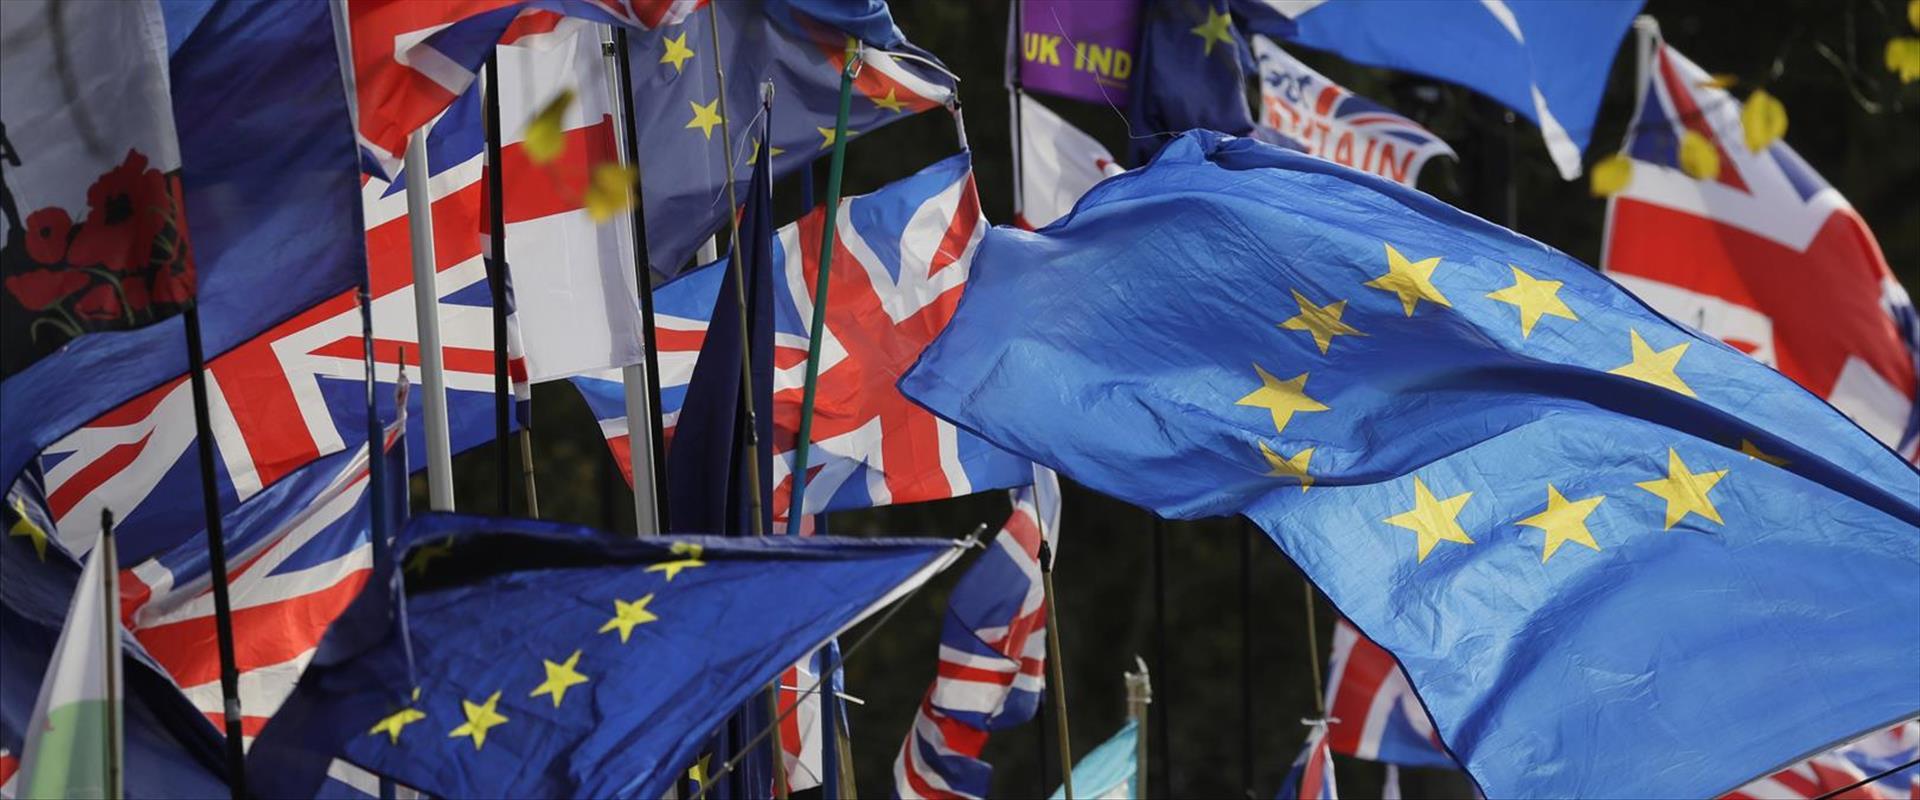 דגלי האיחוד האירופי ובריטניה, מחוץ לפרלמנט בלונדון